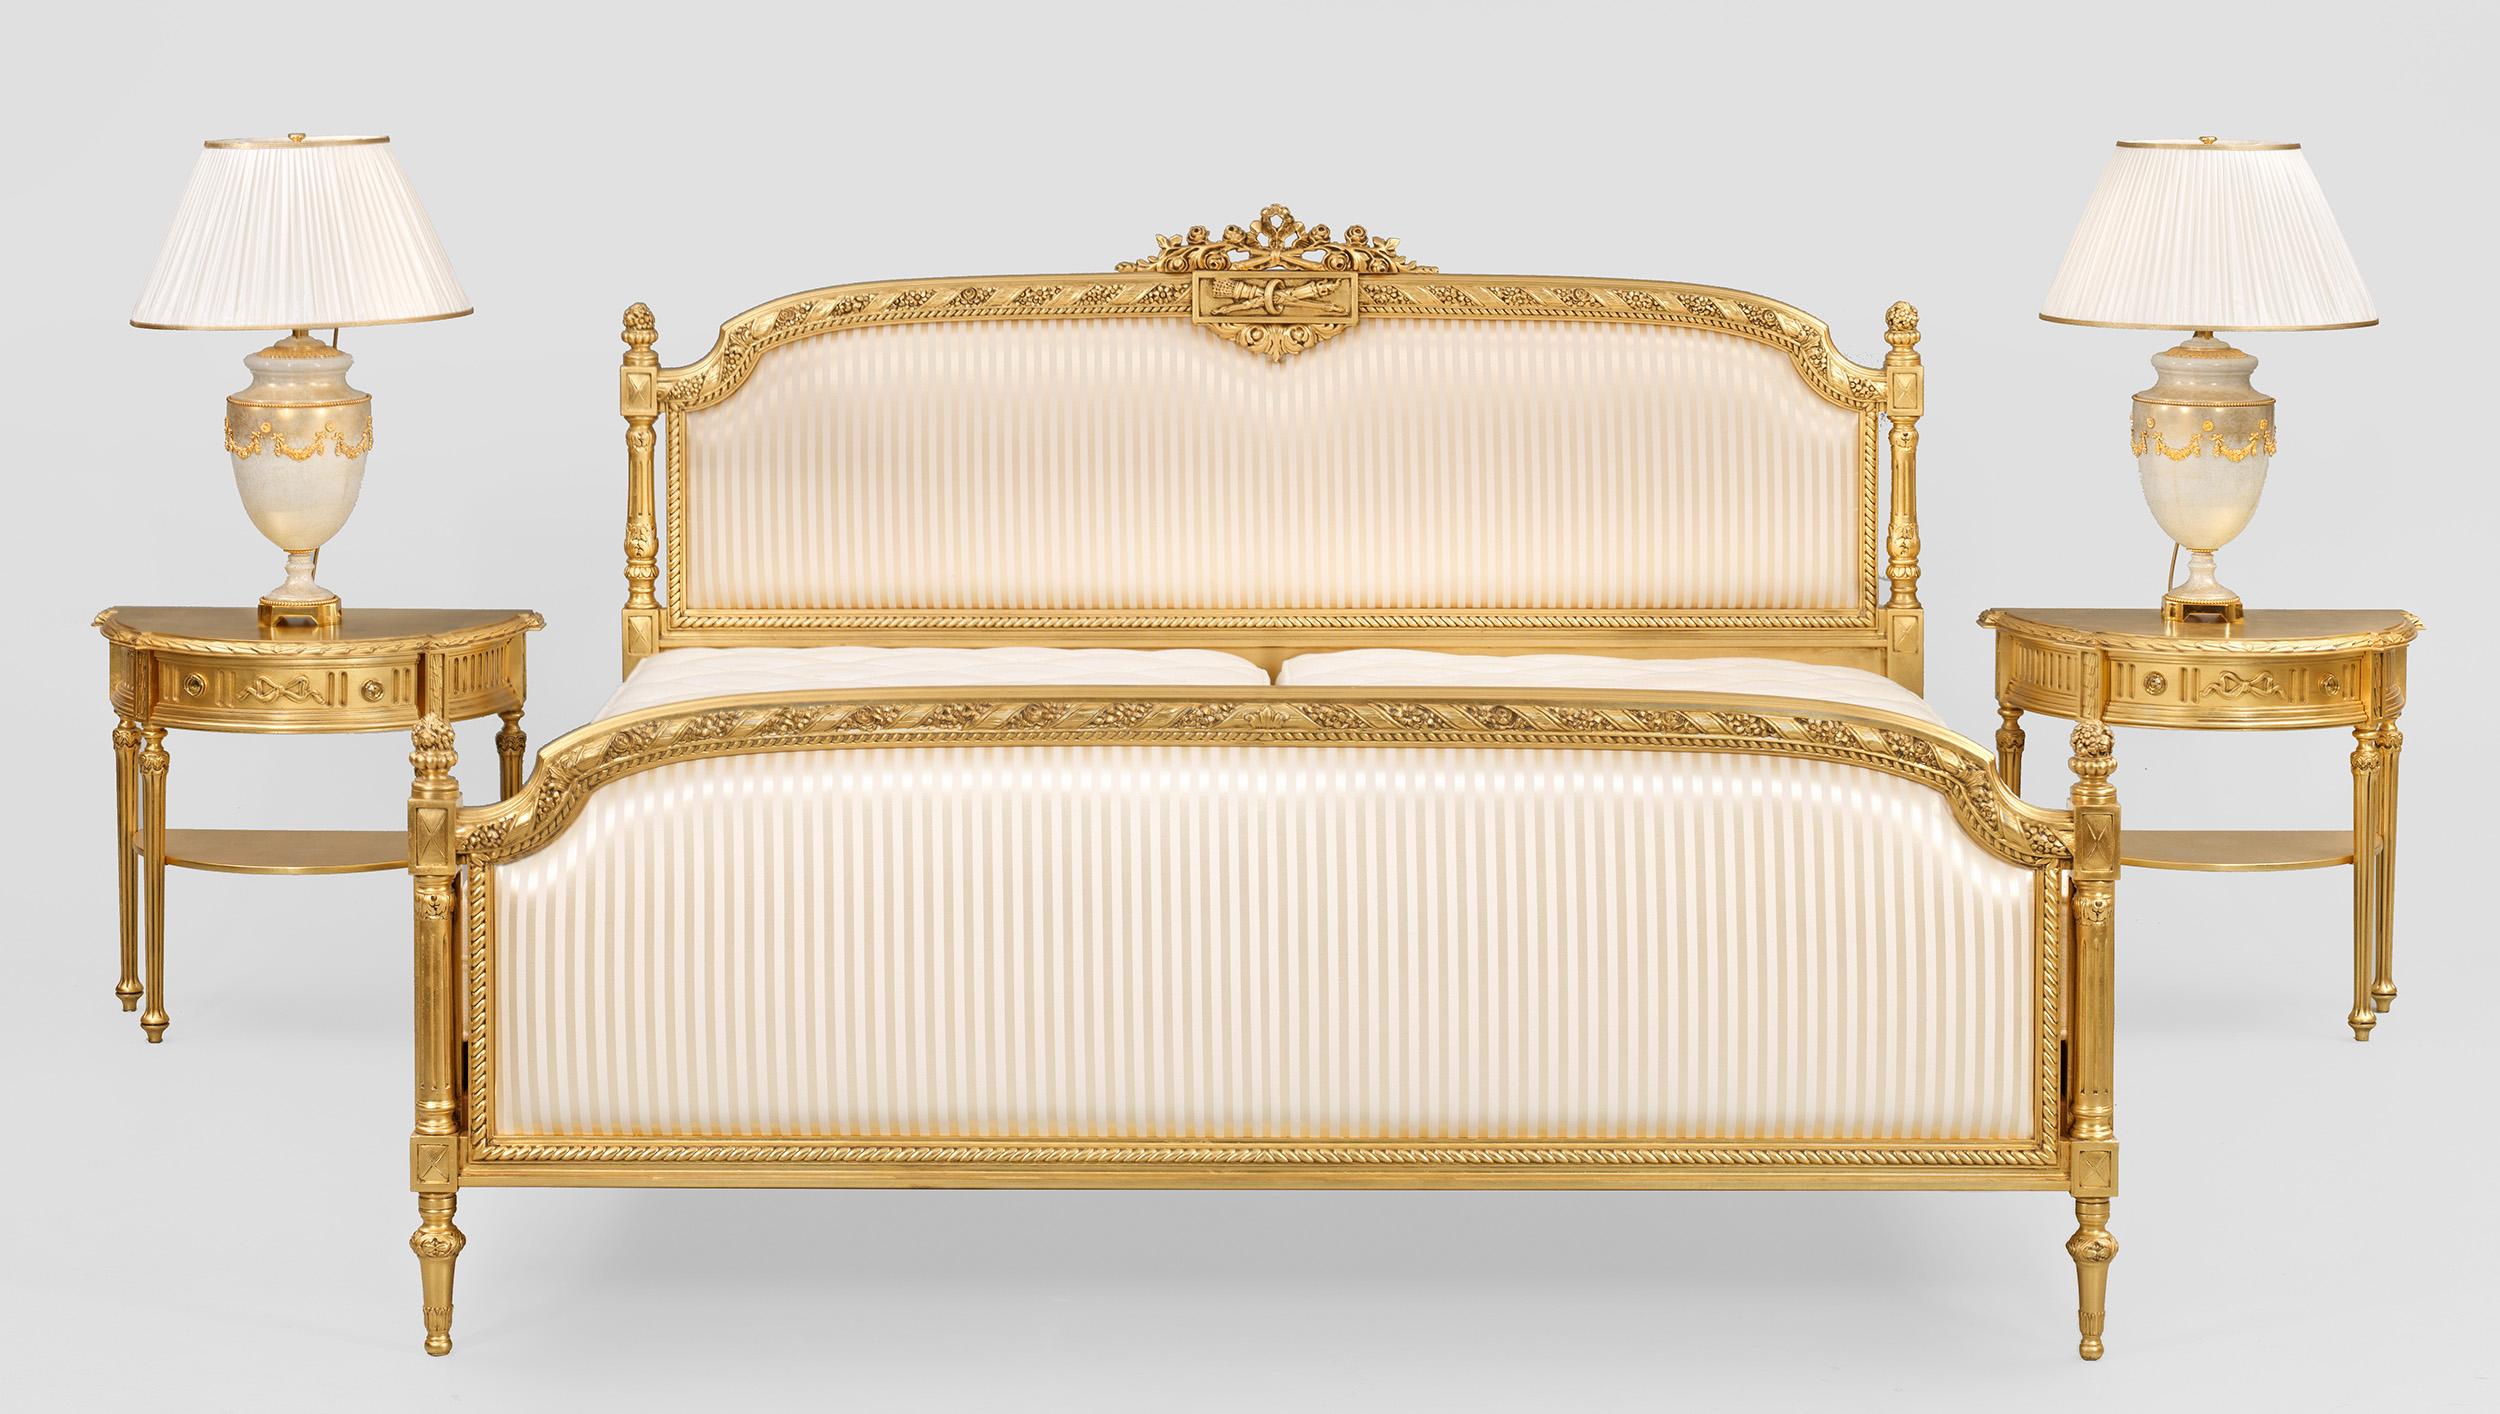 Elegante Schlafzimmereinrichtung im Louis XVI-Stil